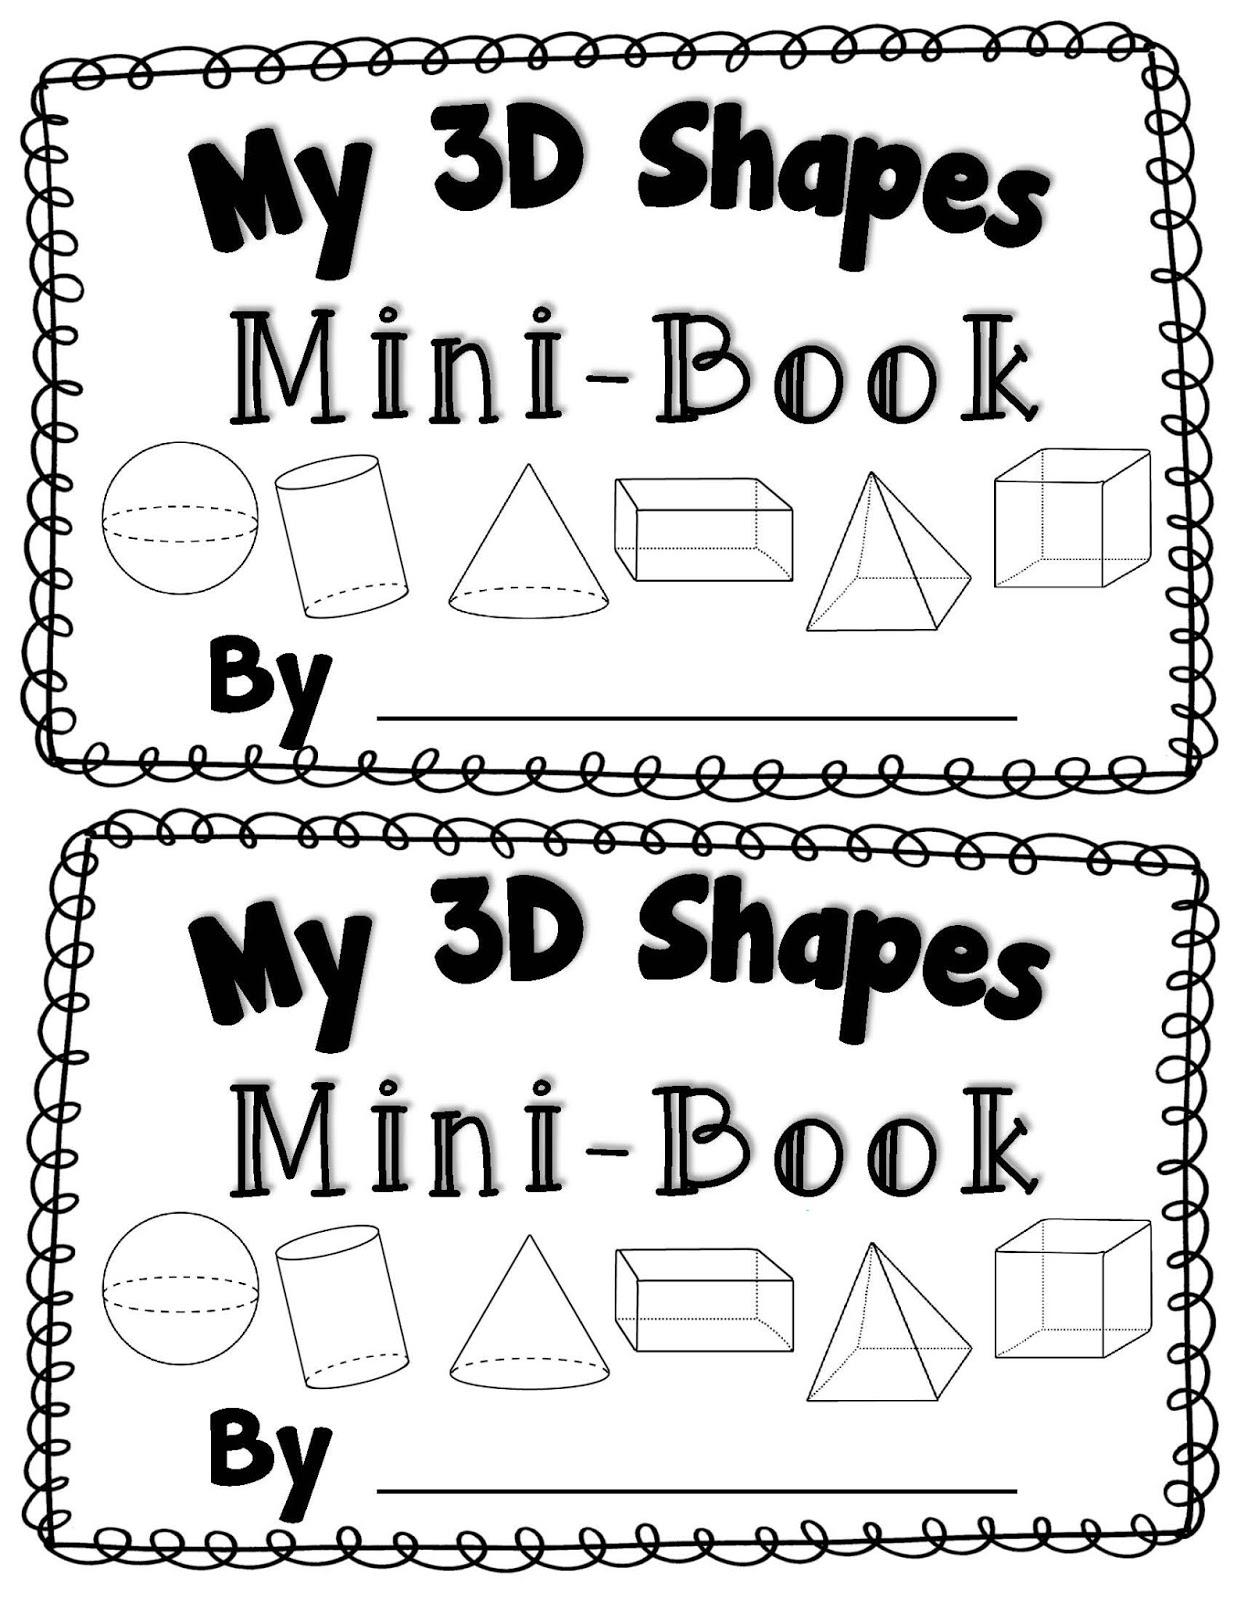 Kindergarten Printable 3d Shapes